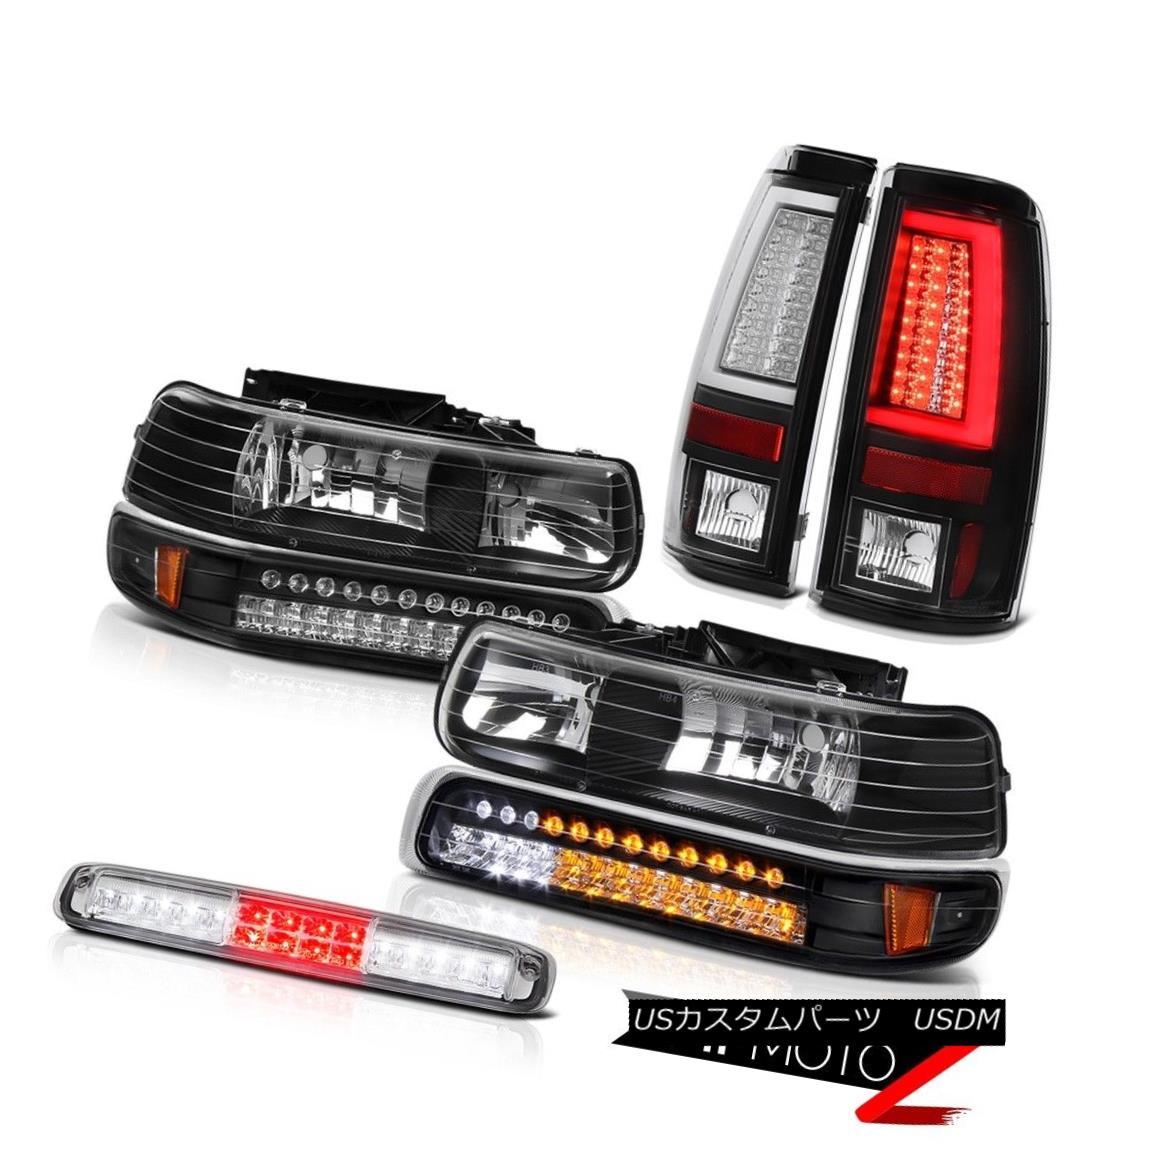 テールライト 99-02 Silverado 4.3L Nighthawk Black Tail Brake Lamps Third Lamp Headlamps LED 99-02 Silverado 4.3Lナイトホークブラックテールブレーキランプ第3ランプヘッドランプLED画像